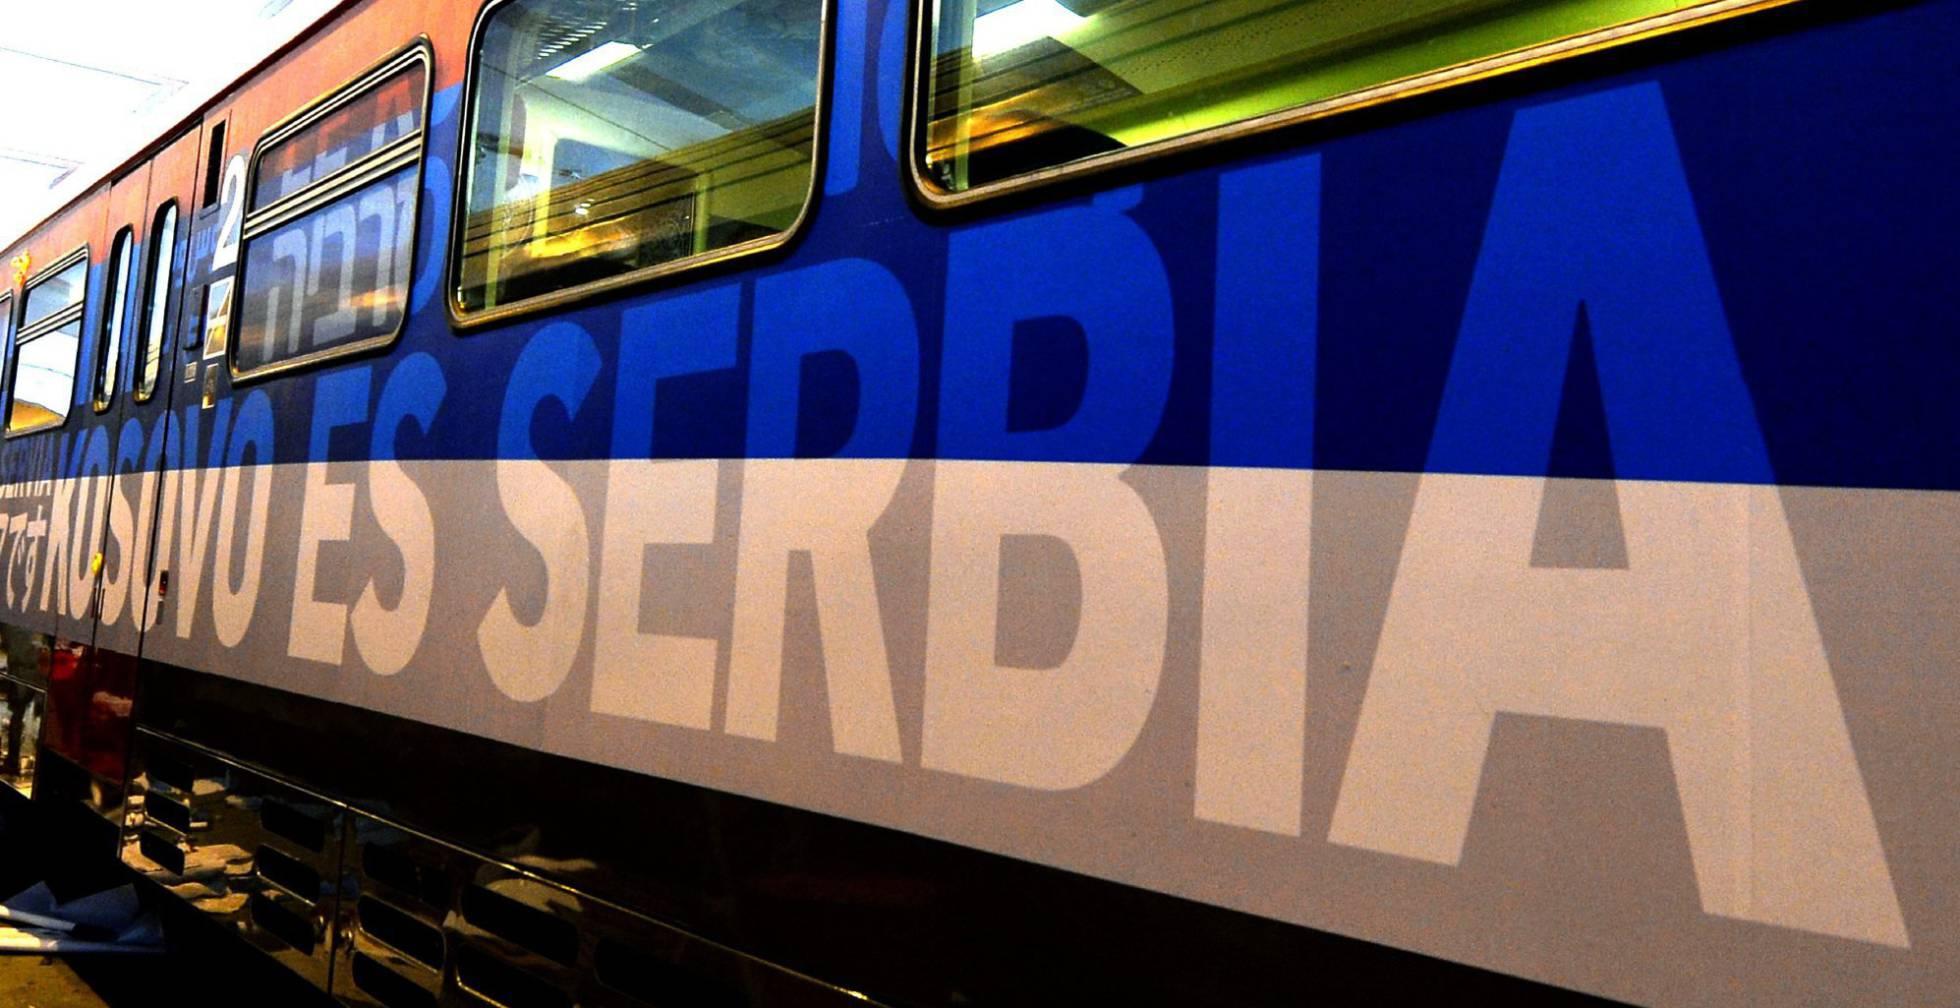 Kosovo - Serbia - Página 2 1484499236_133316_1484499343_noticia_normal_recorte1